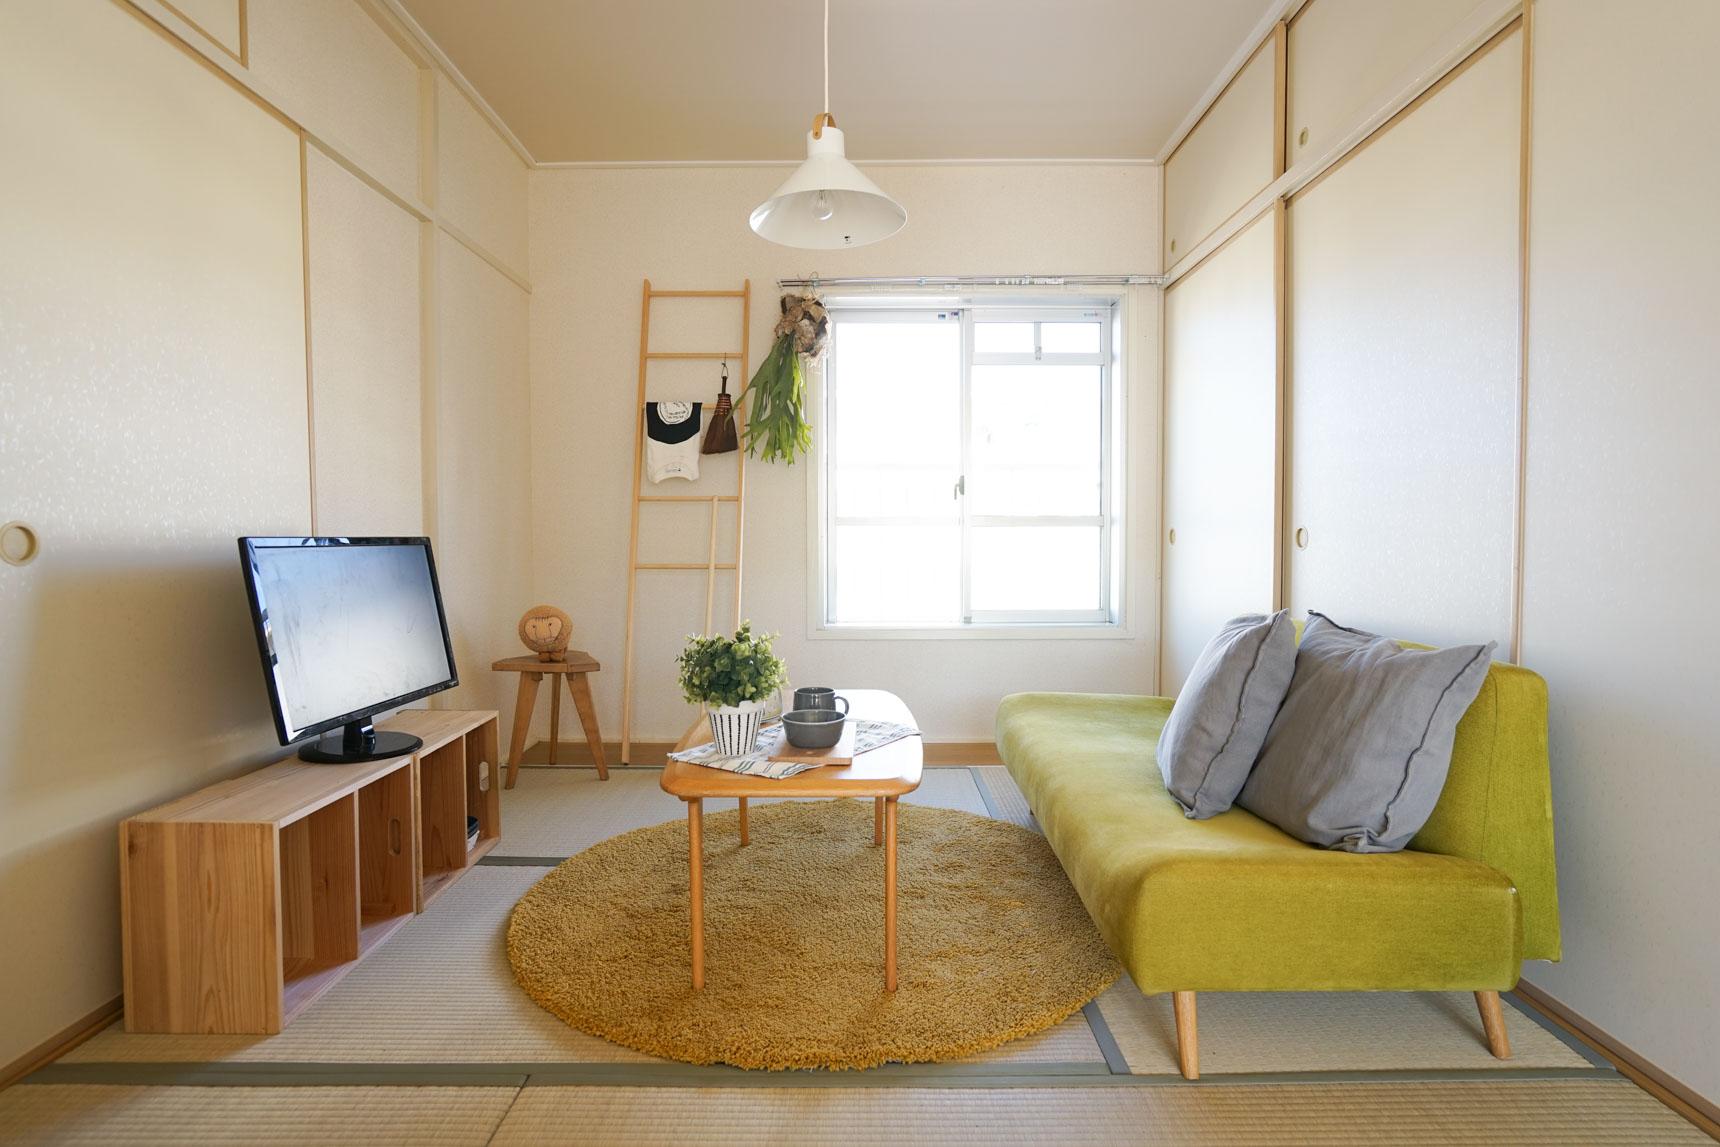 ポイントは、「明るい色味」の家具を選ぶこと。木の色も、ウォルナットなどのダークなものより、パインやオークなど明るいものが似合います。